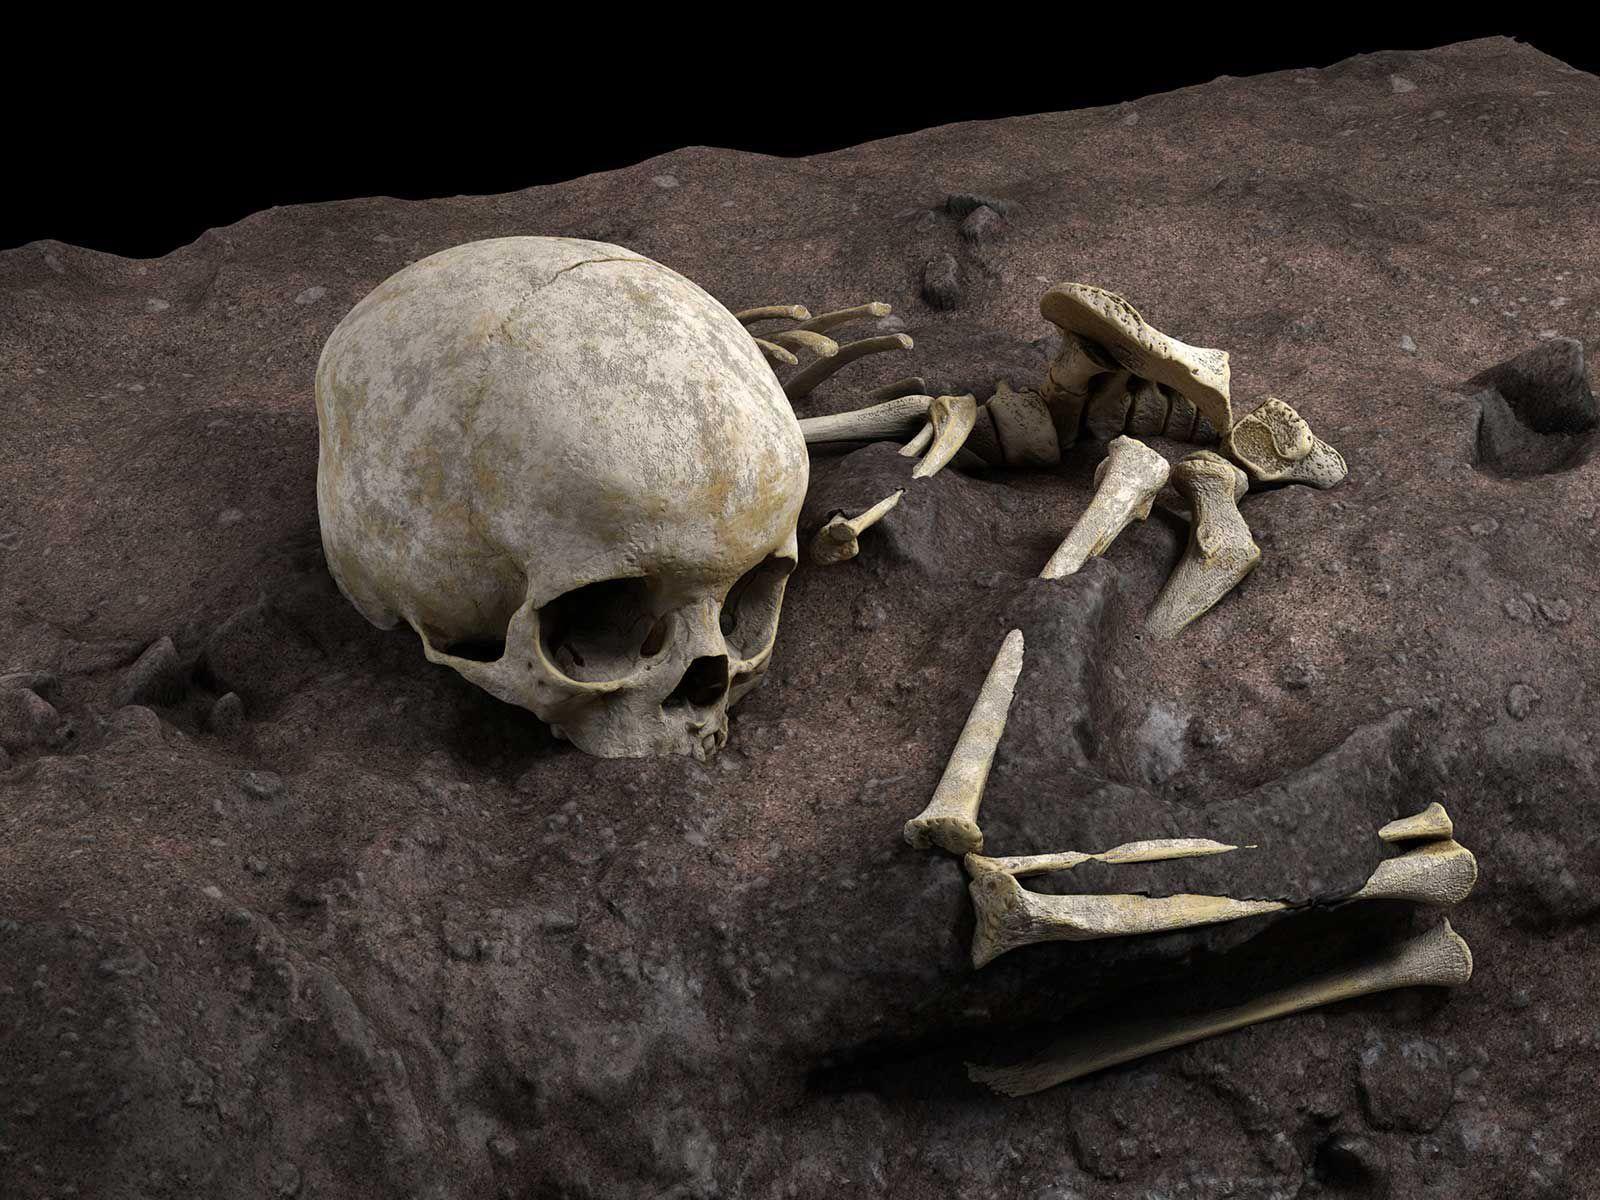 Археологи обнаружили древнейшее человеческое захоронение в Африке